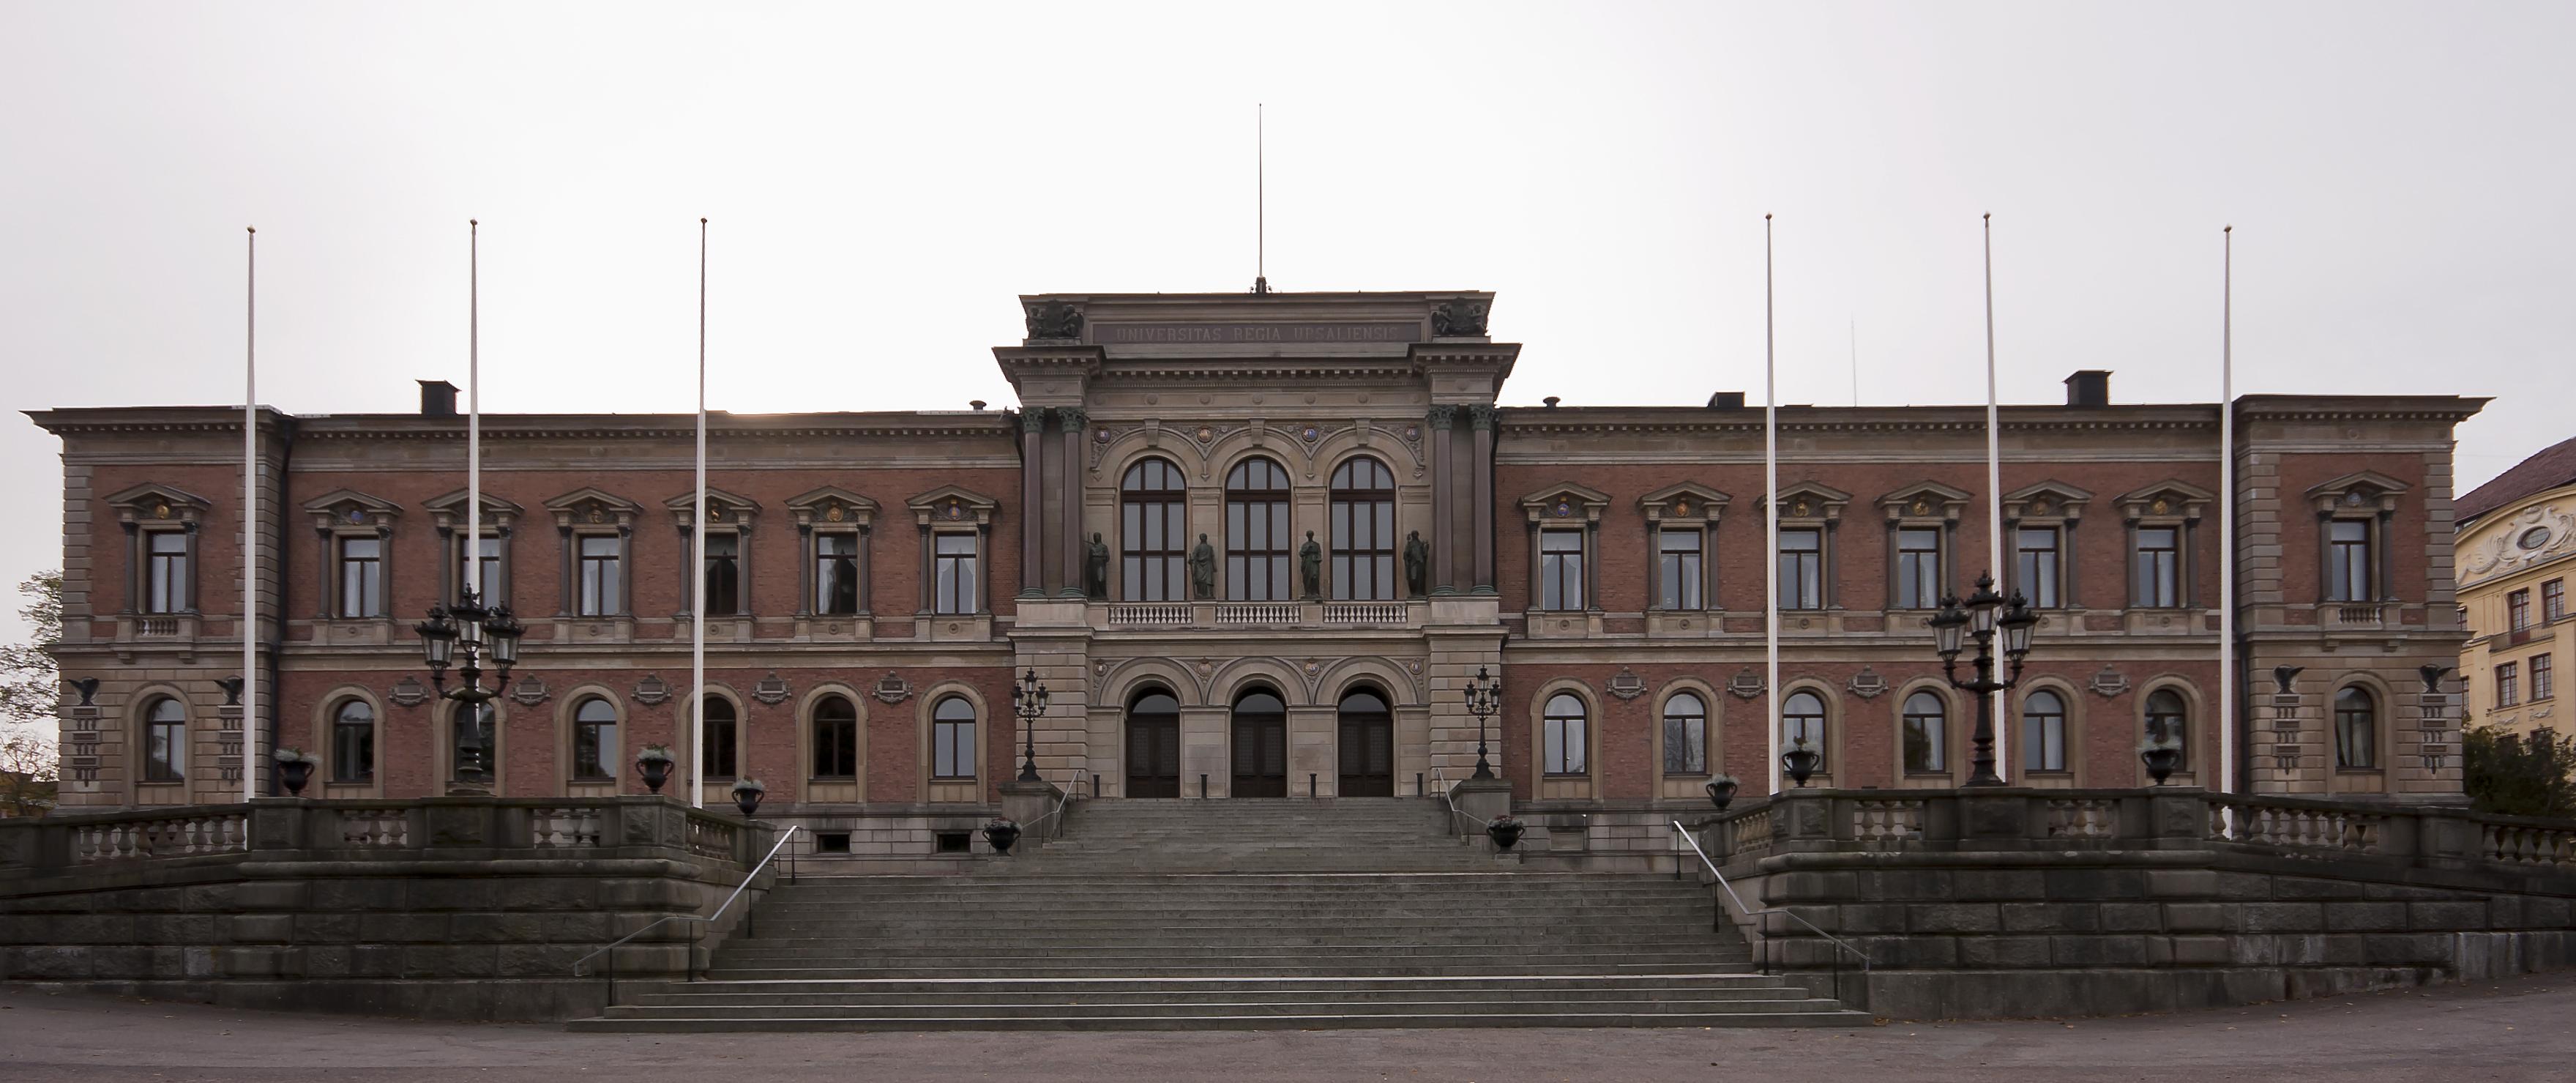 image of Uppsala University